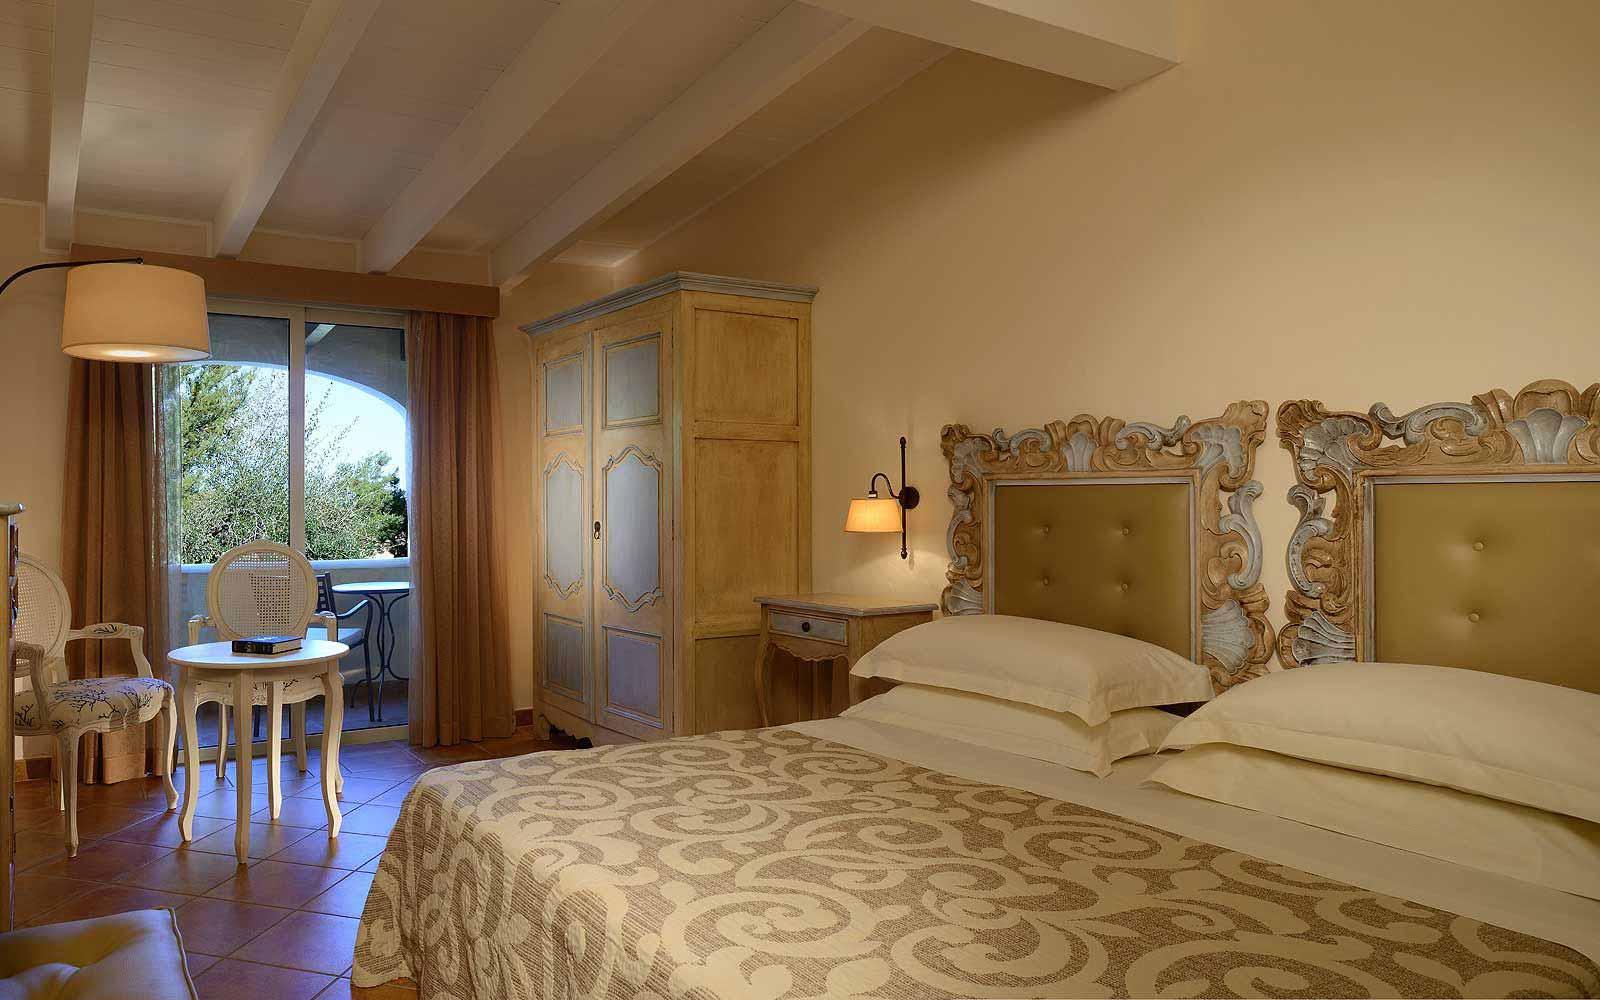 Classic Room at Colonna Pevero Hotel